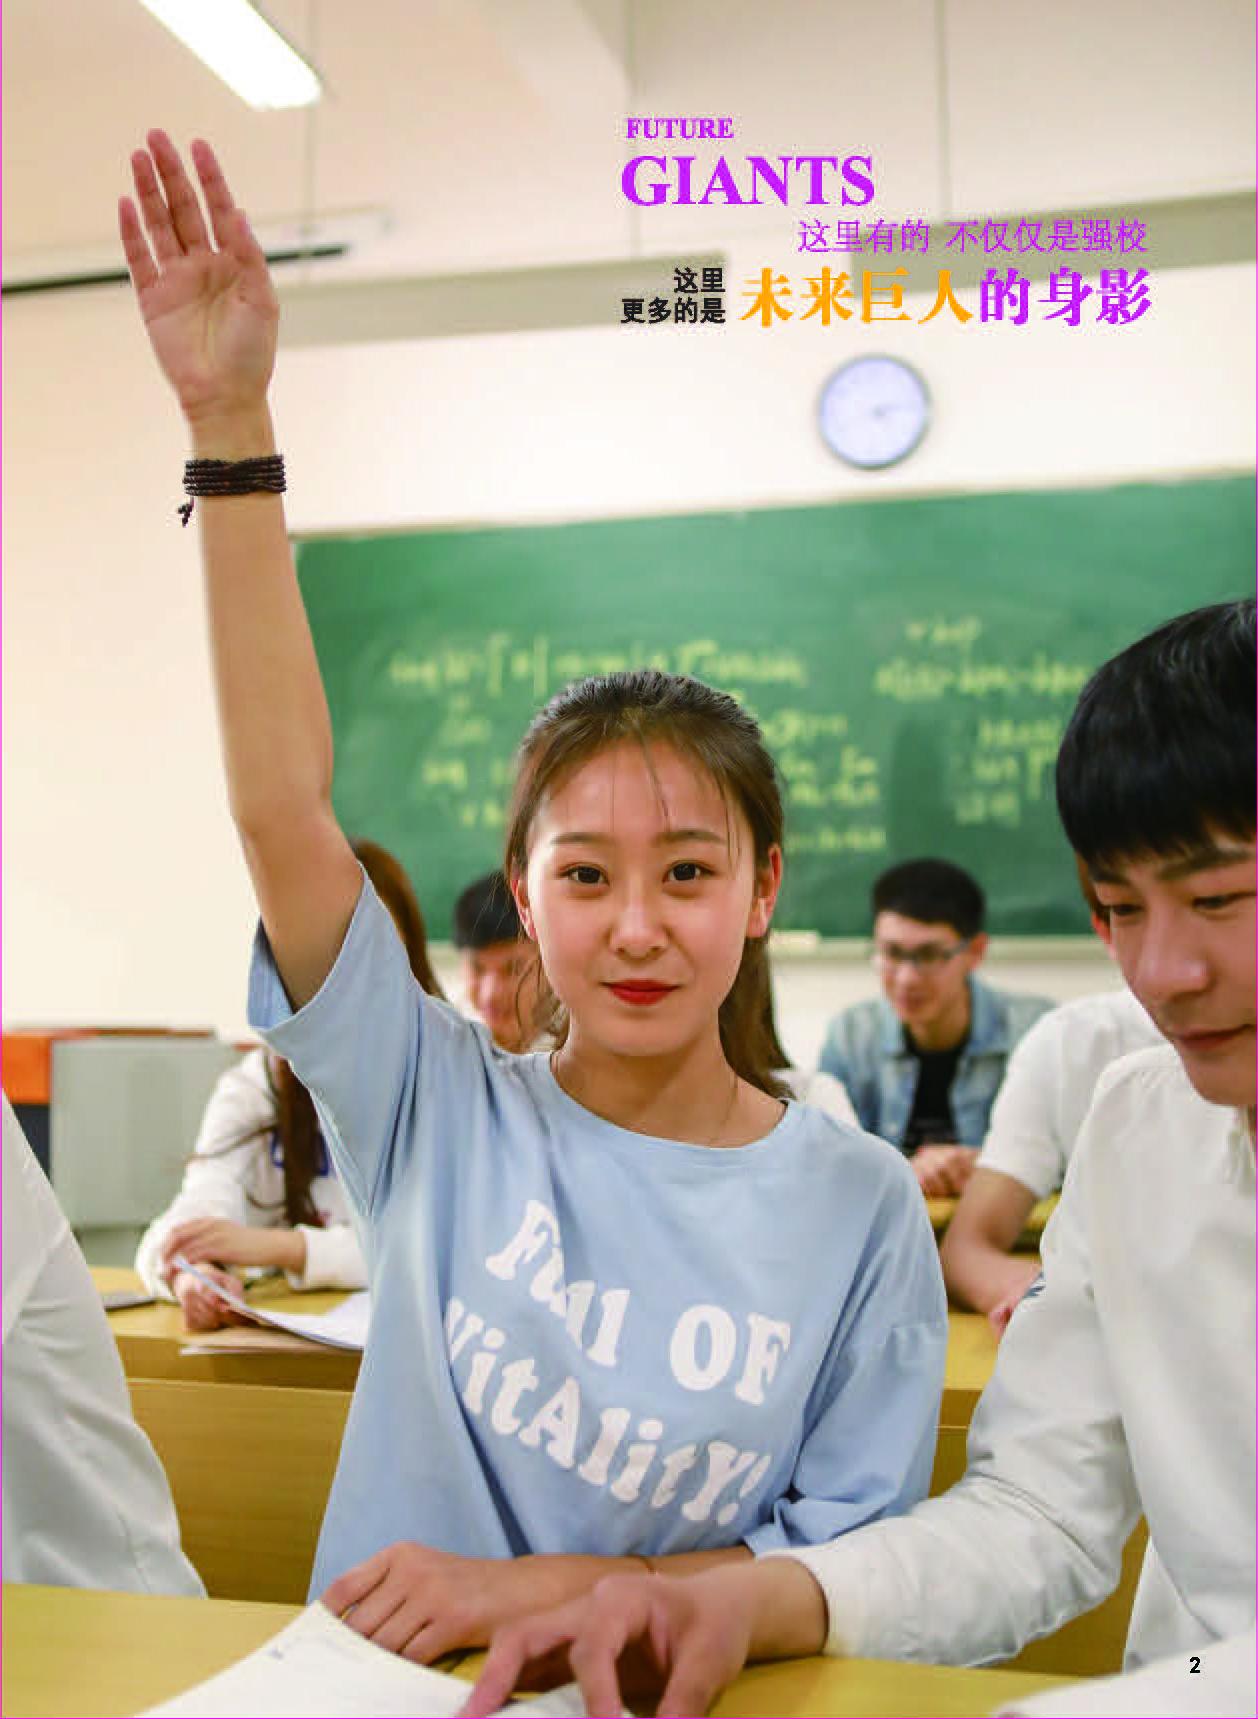 云南师范大学文理学院2020年新生入学指南